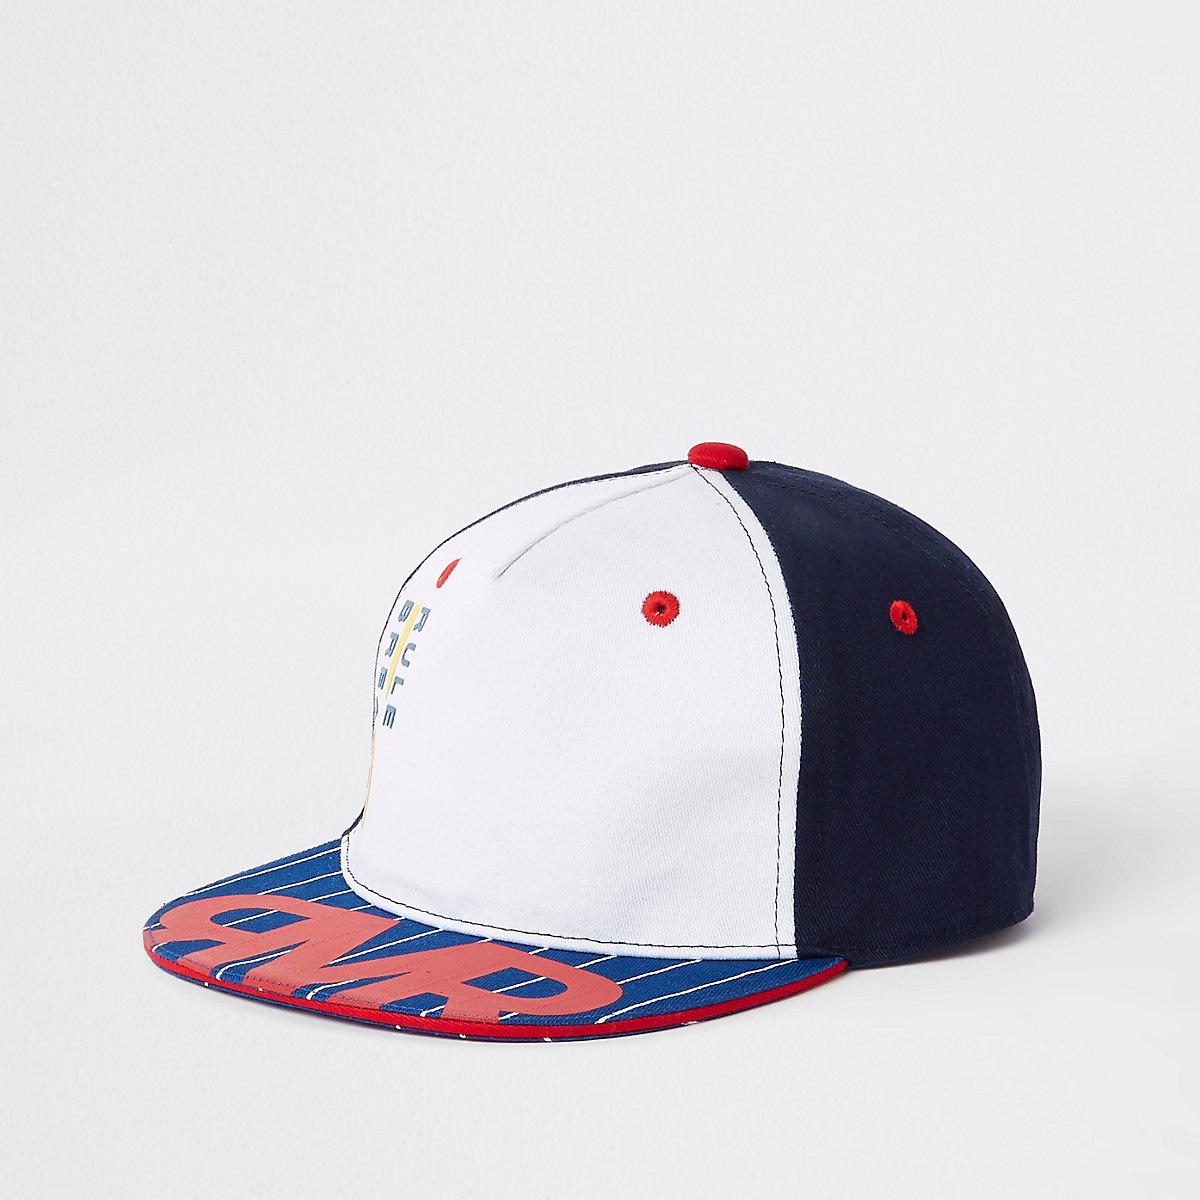 Mini boys 'Rule breaker' flat cap